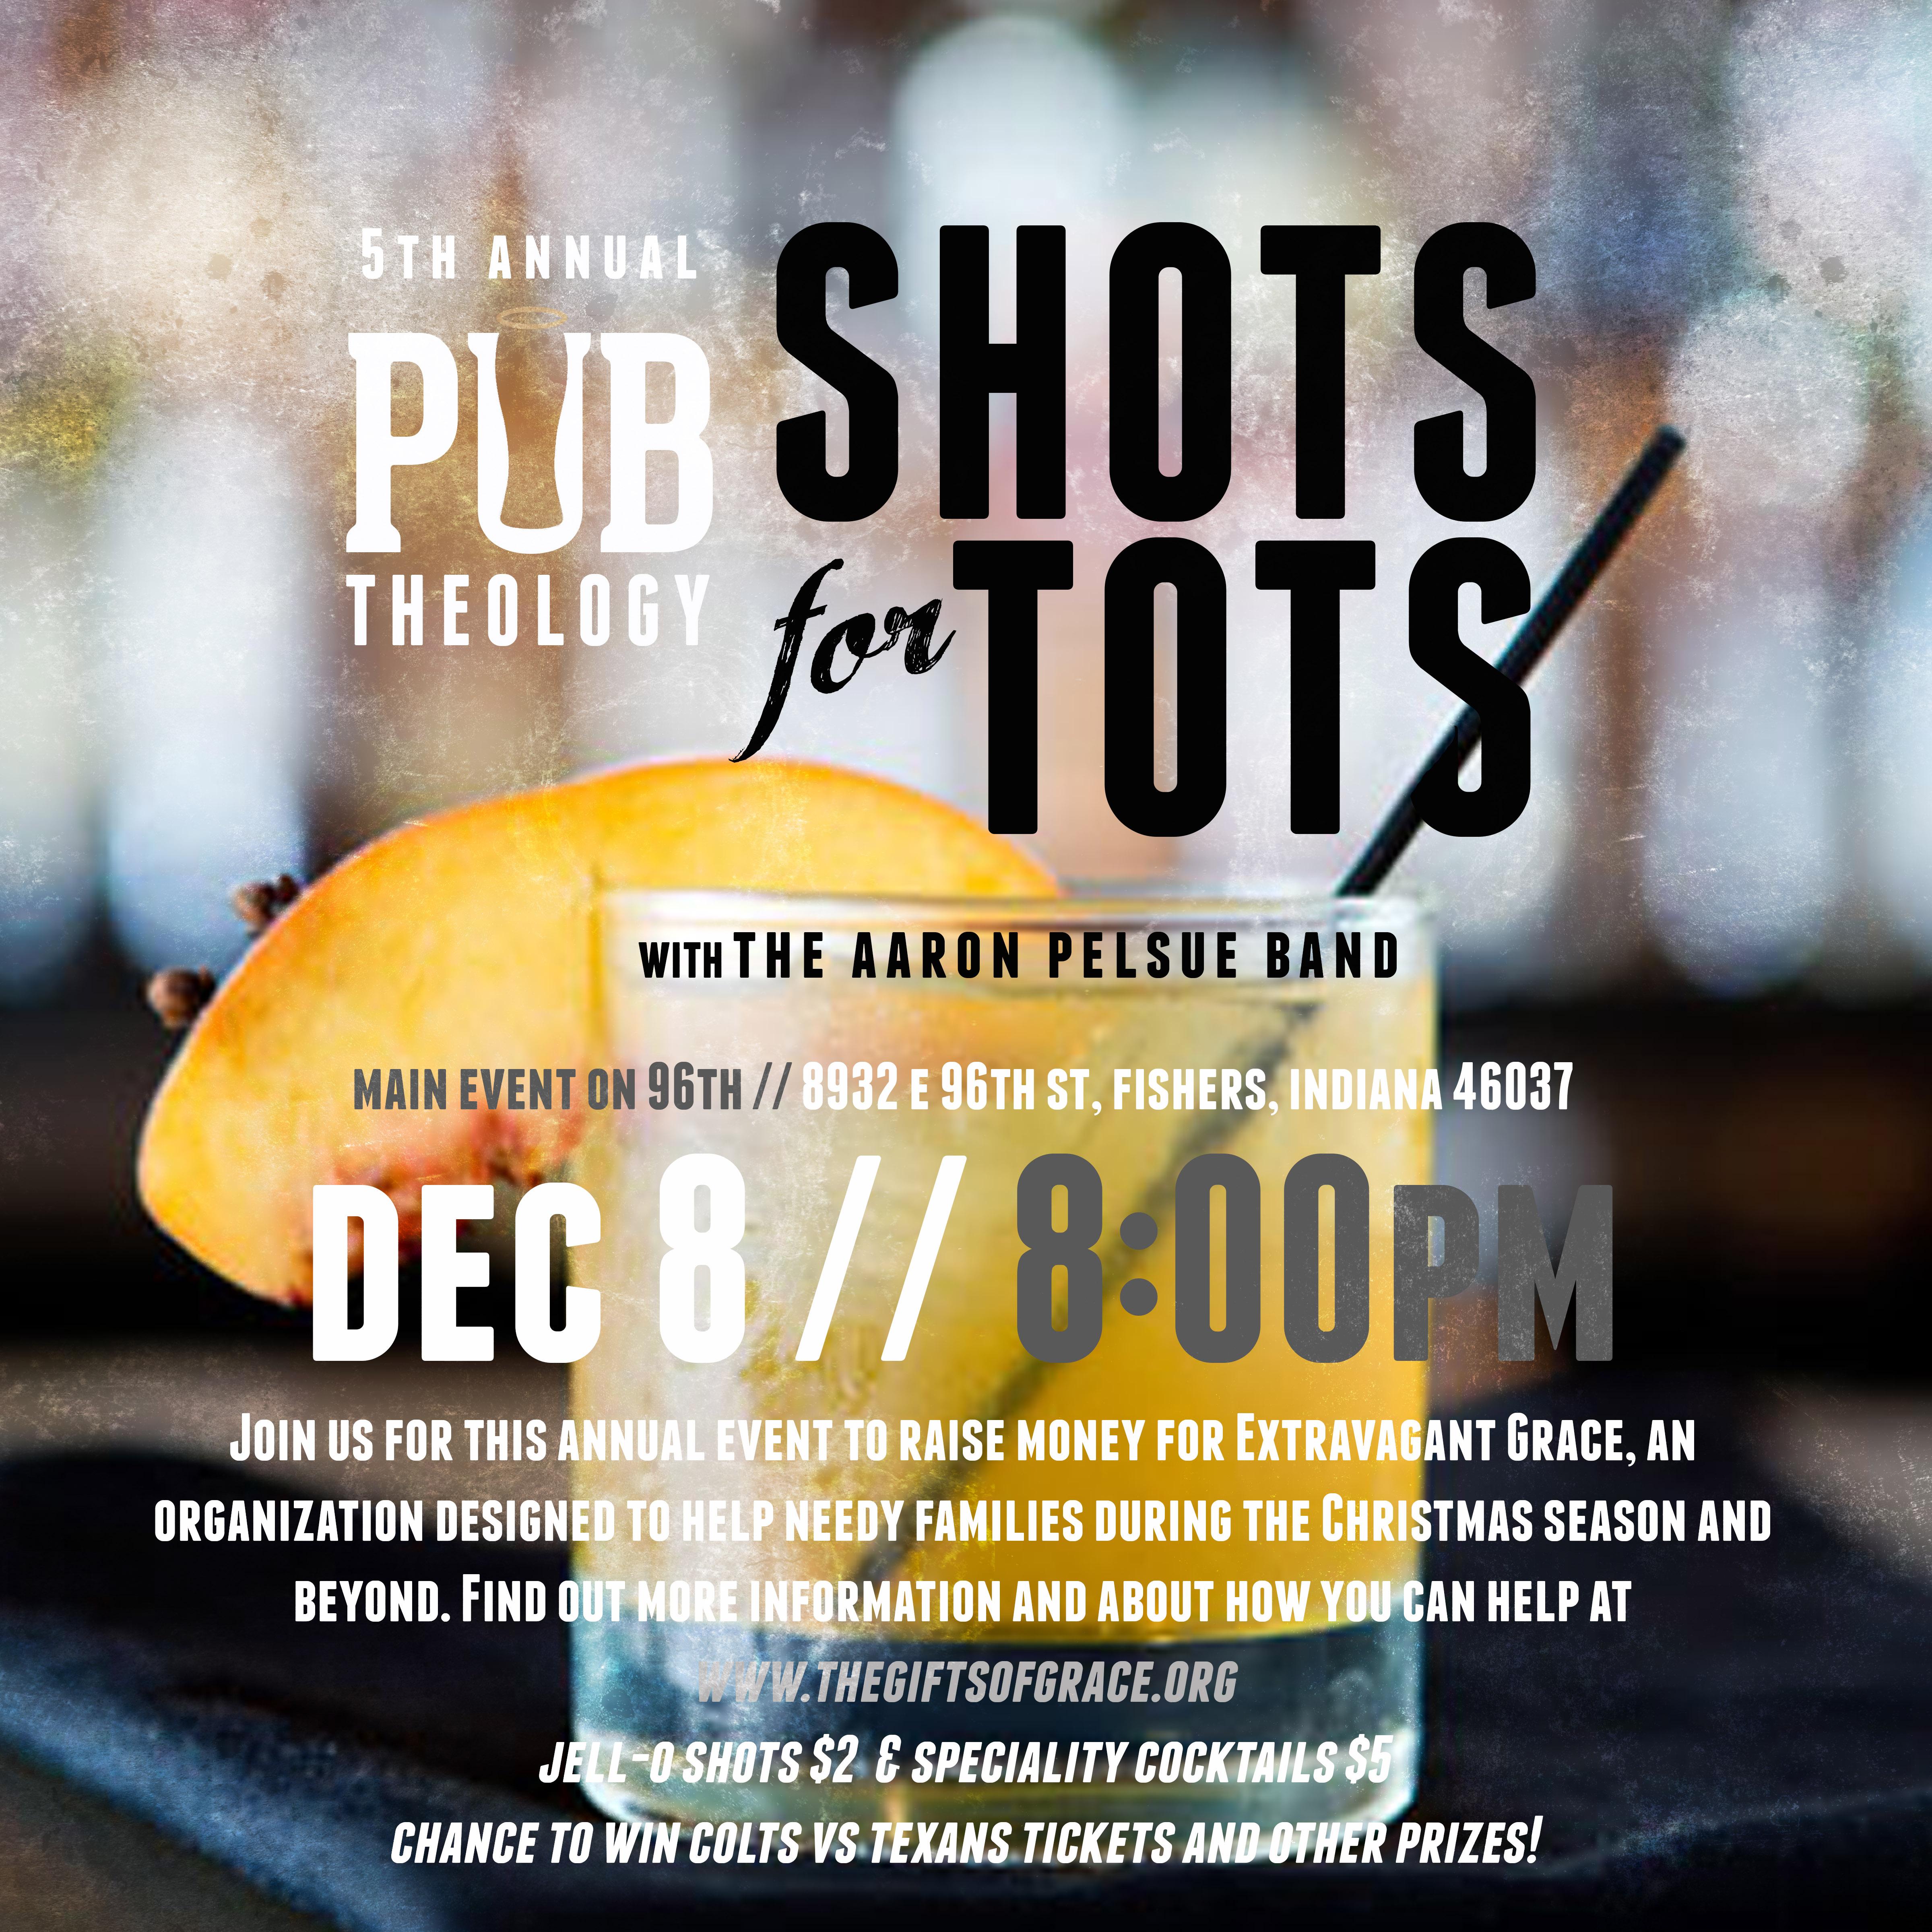 Shots for Tots